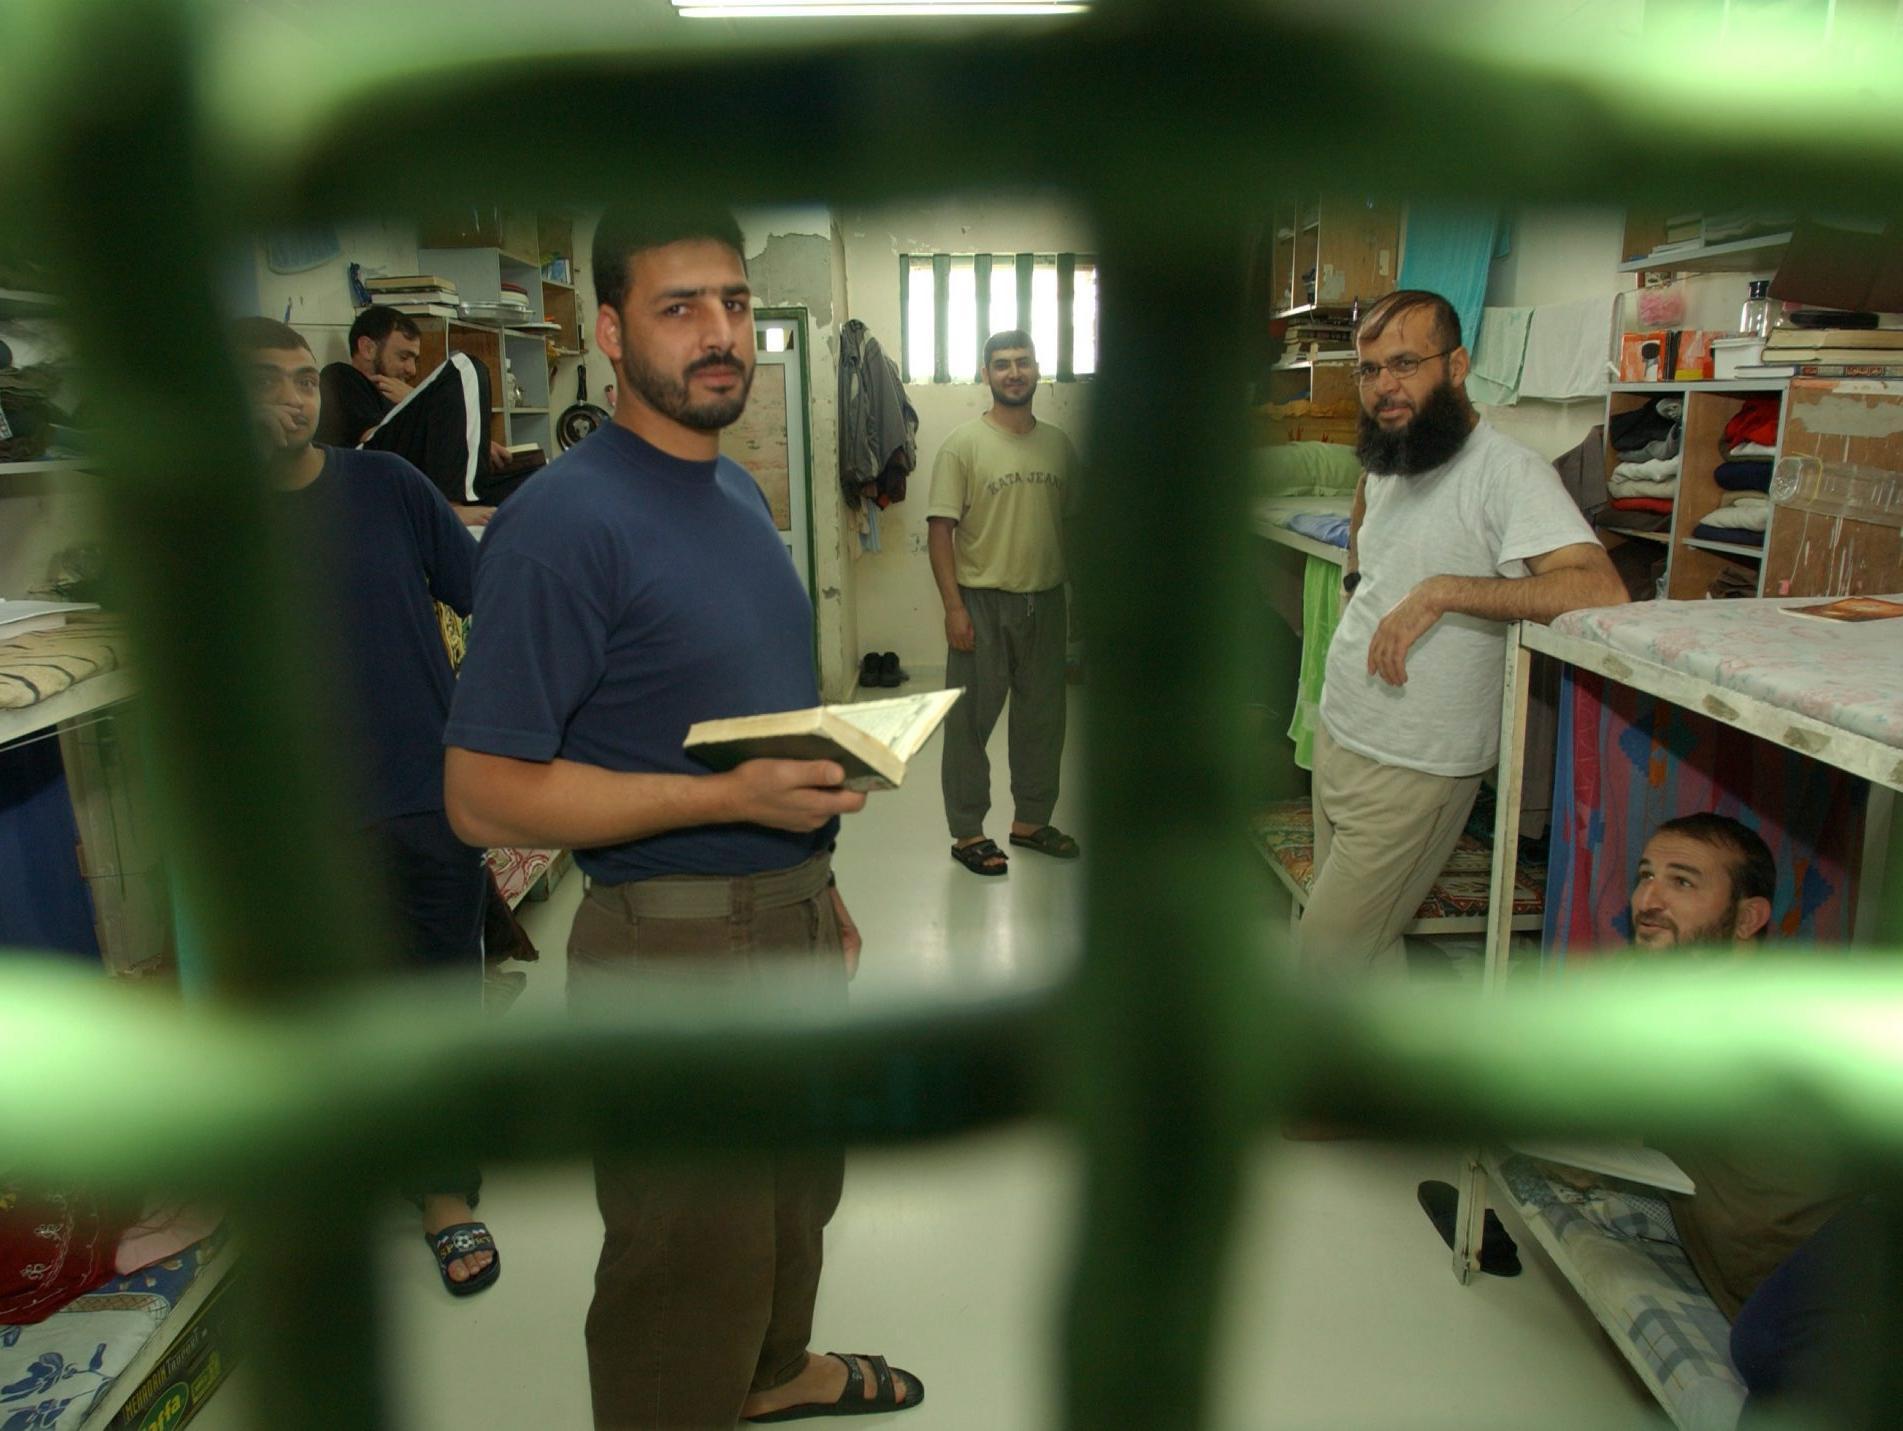 דיווח פלסטיני: האסירים הביטחוניים החלו בשביתת הרעב בבתי הכלא